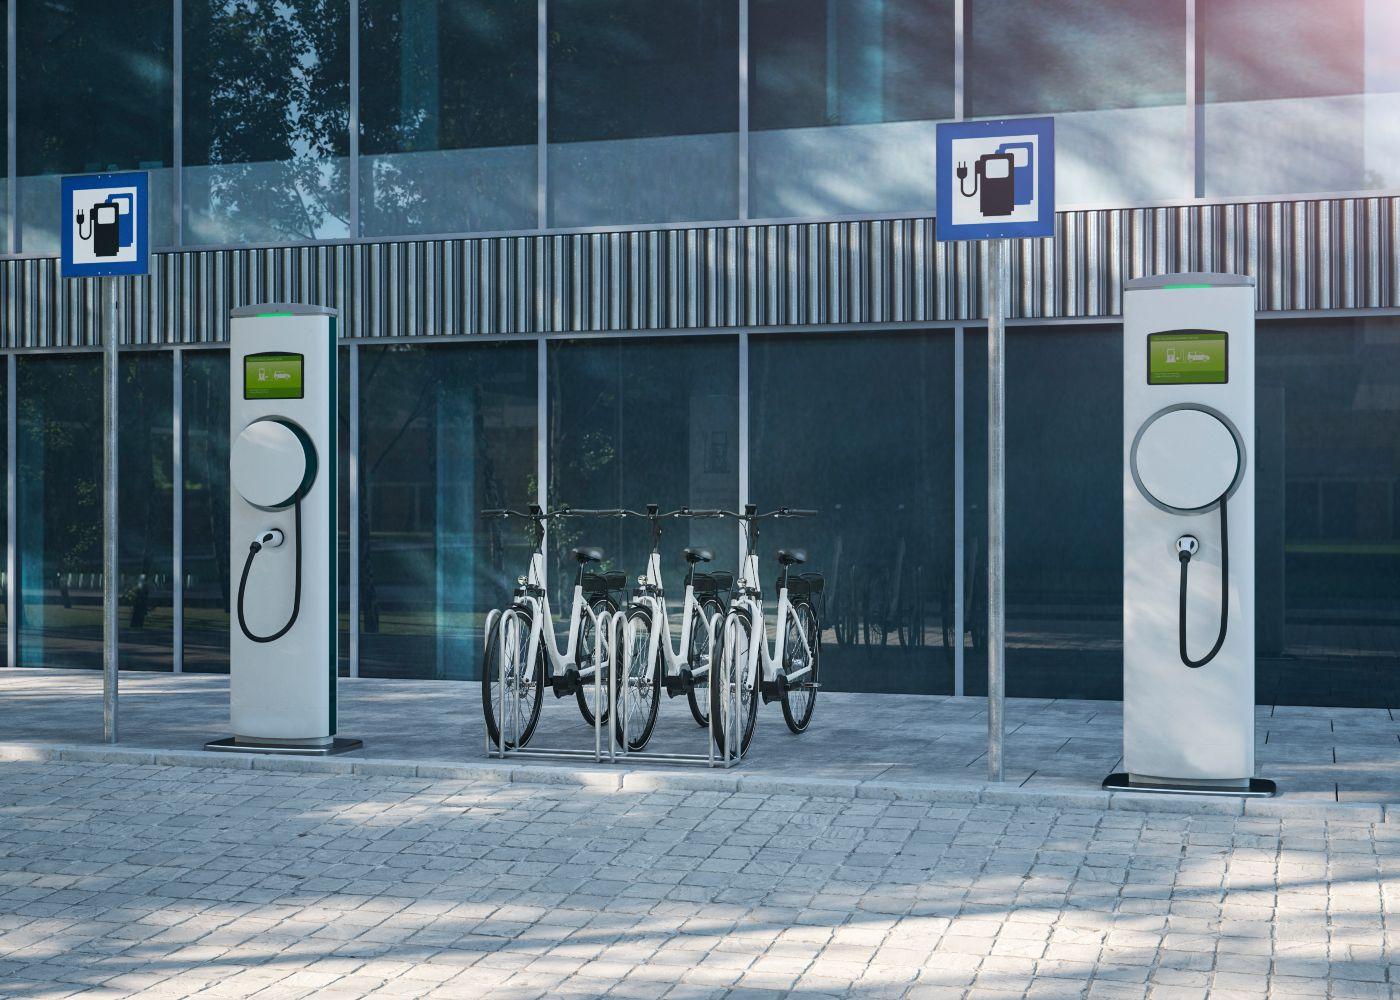 zona de estacionamento e carregamento de bicicletas elétricas